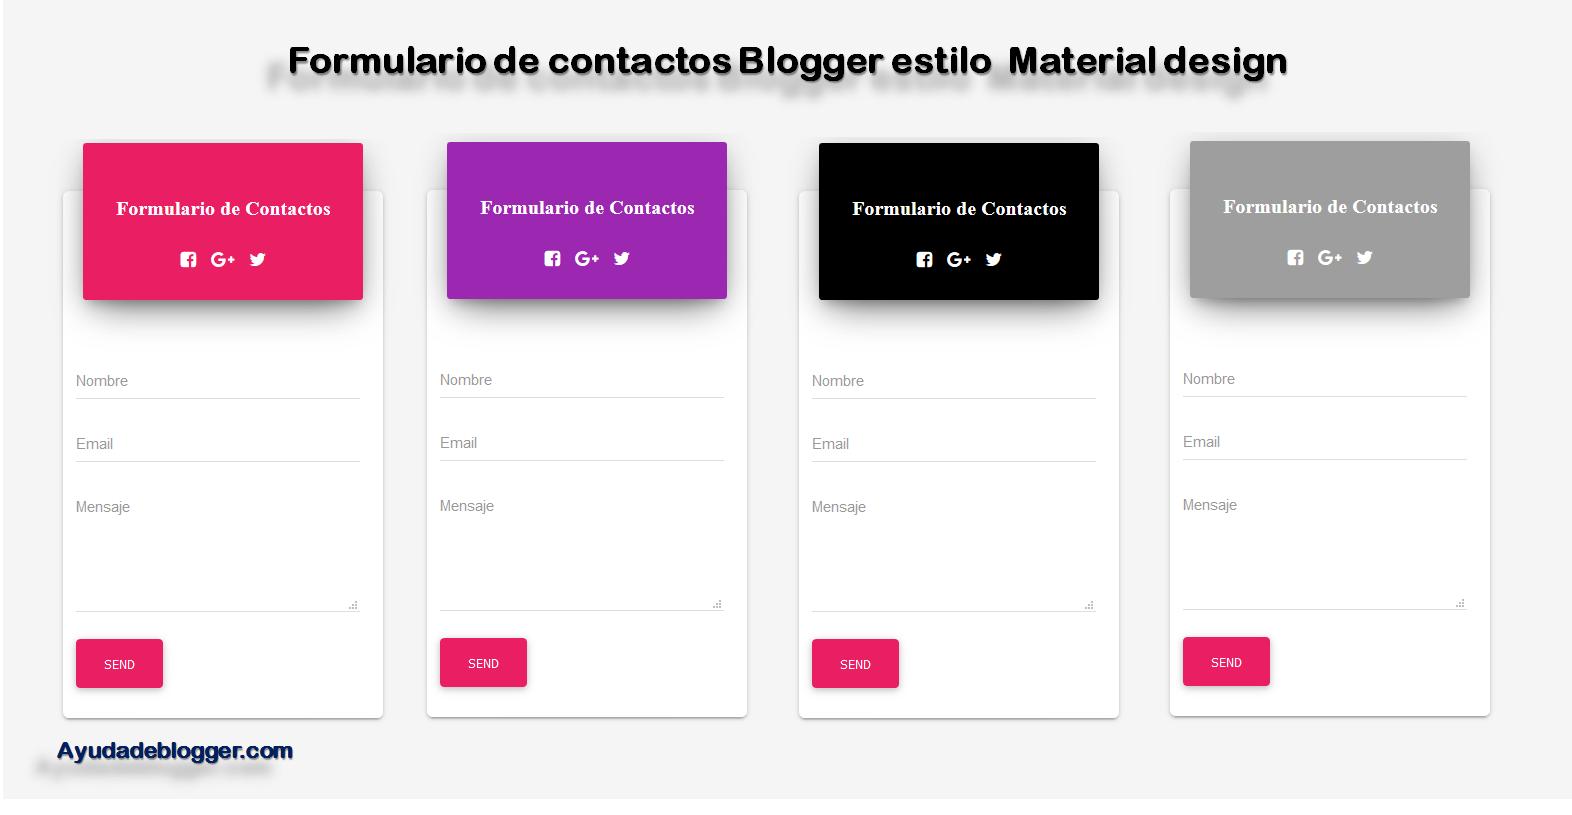 Formulario de contactos para Blogger